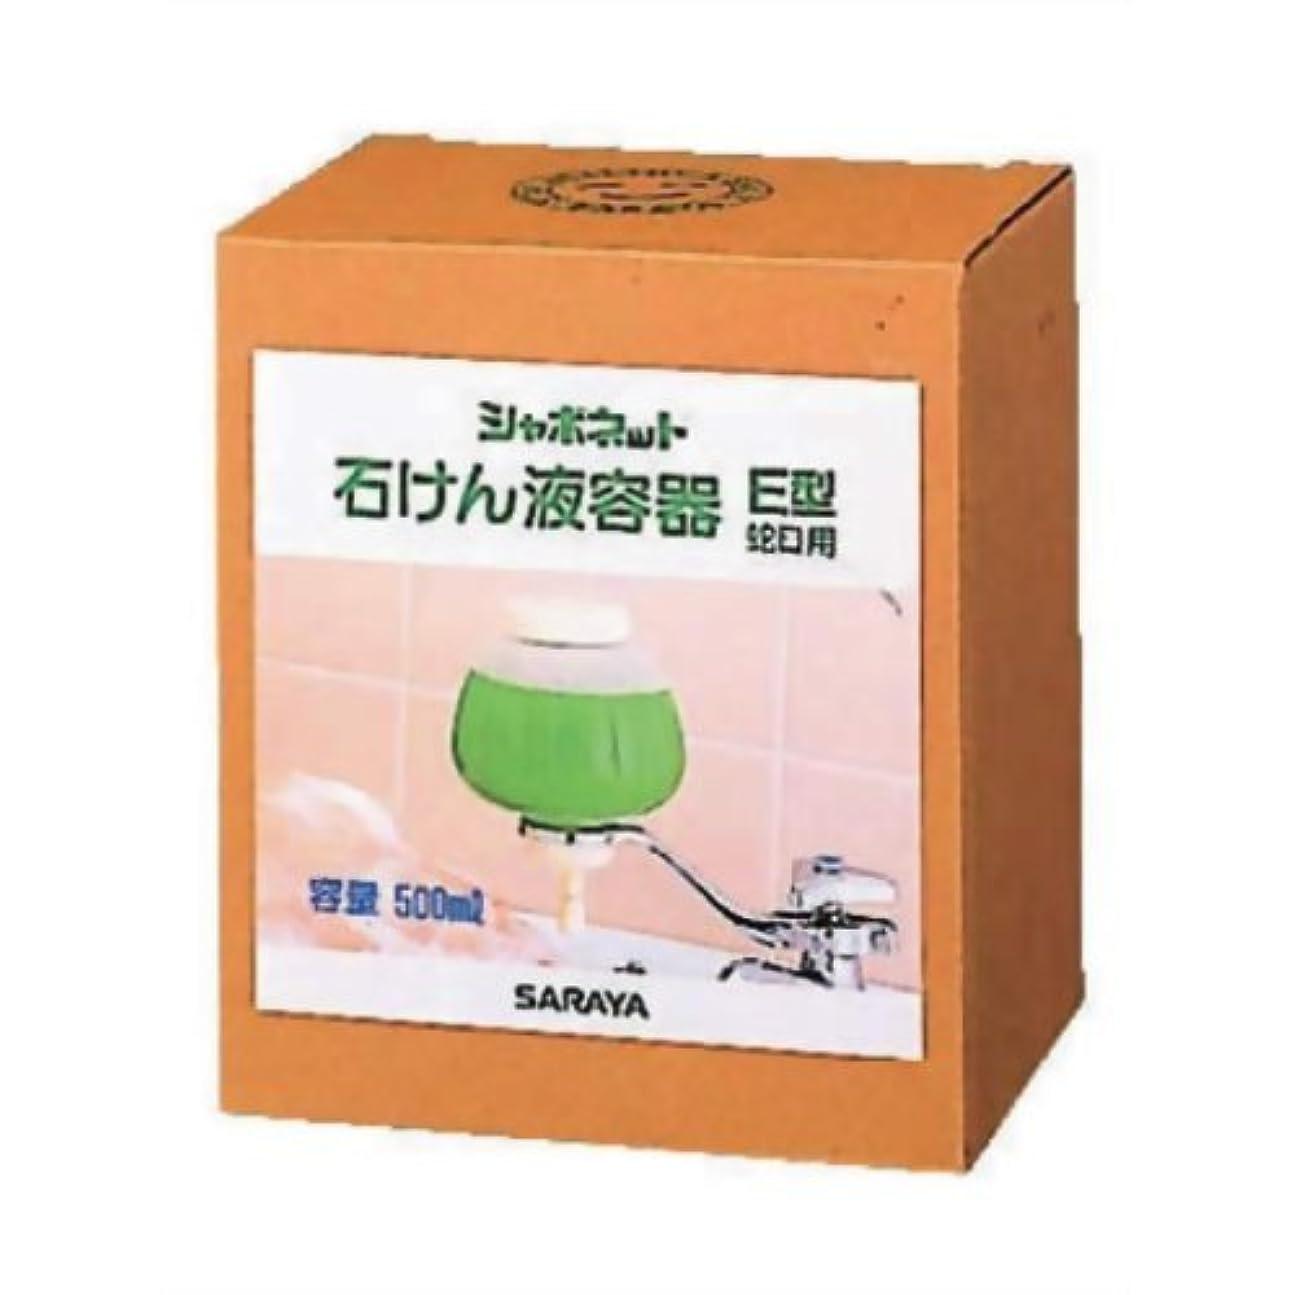 ペインティングとても多くのこねるシャボネット石鹸液容器 500mLE型蛇口用 21450/63828559 サラヤ